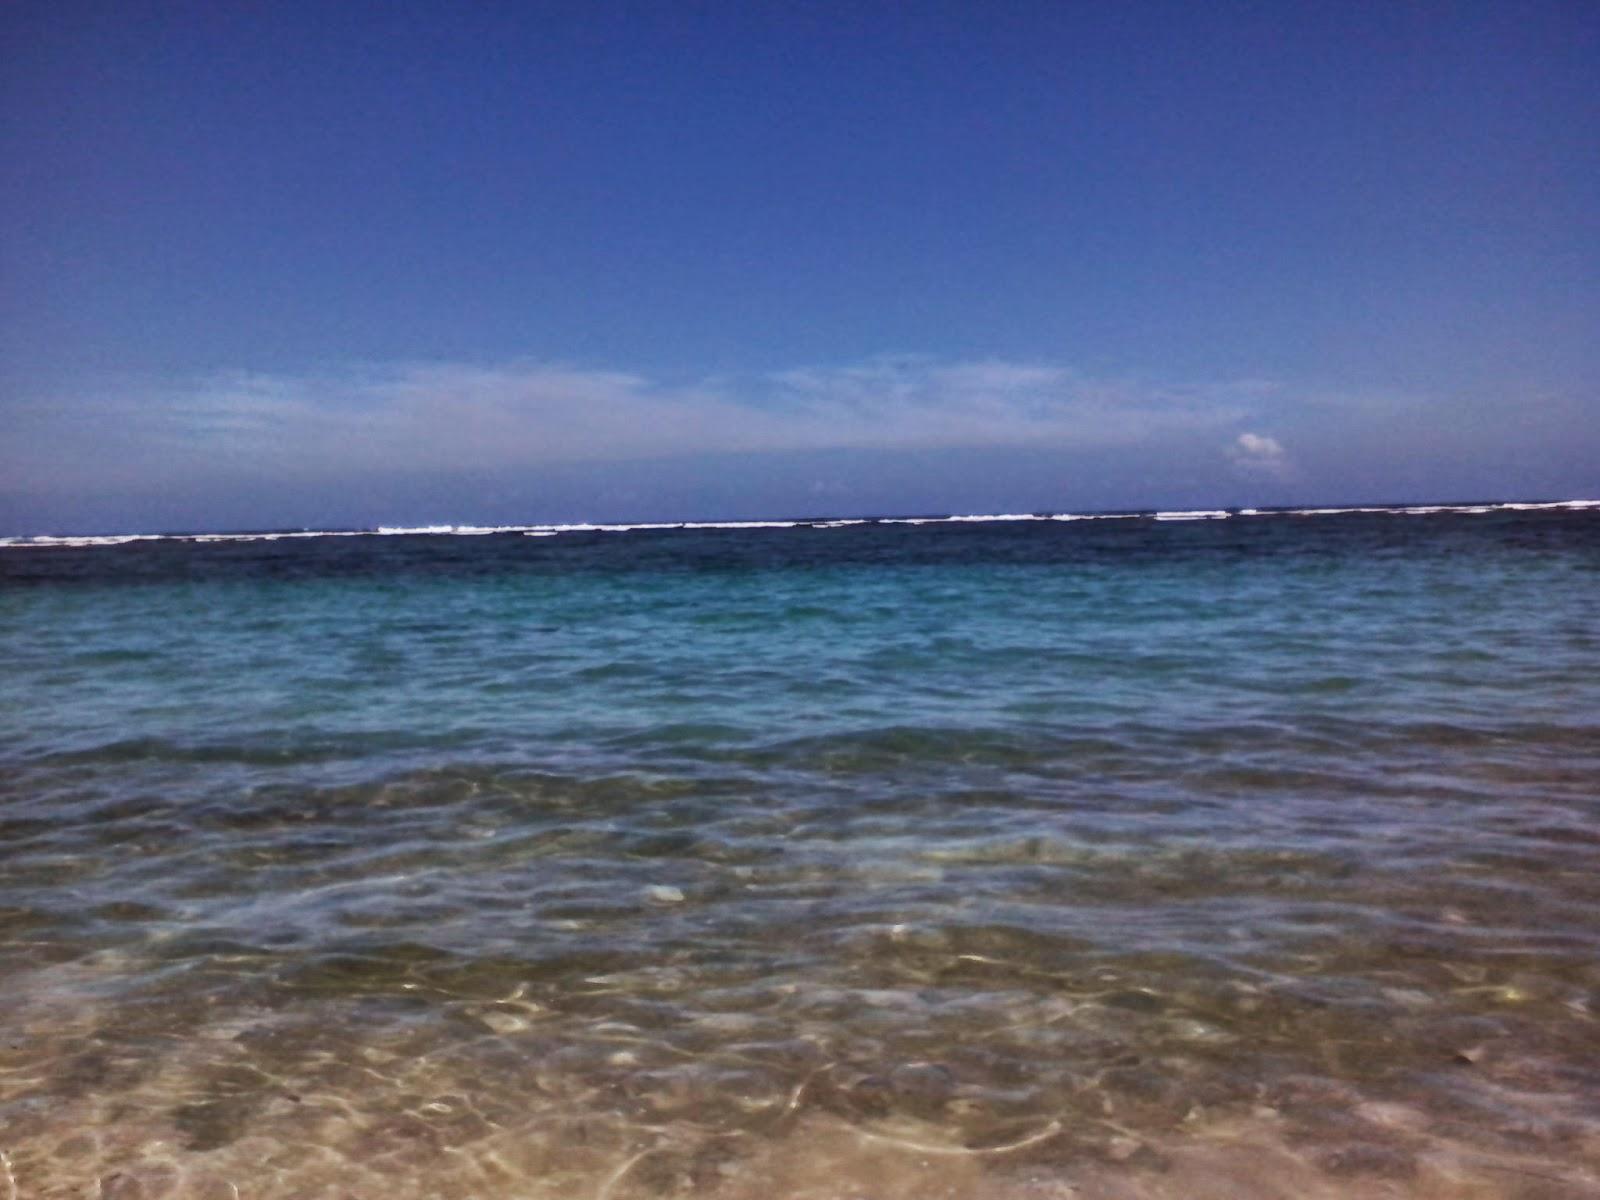 Menikmati Indahnya Pantai Pandawa, Bali (4)